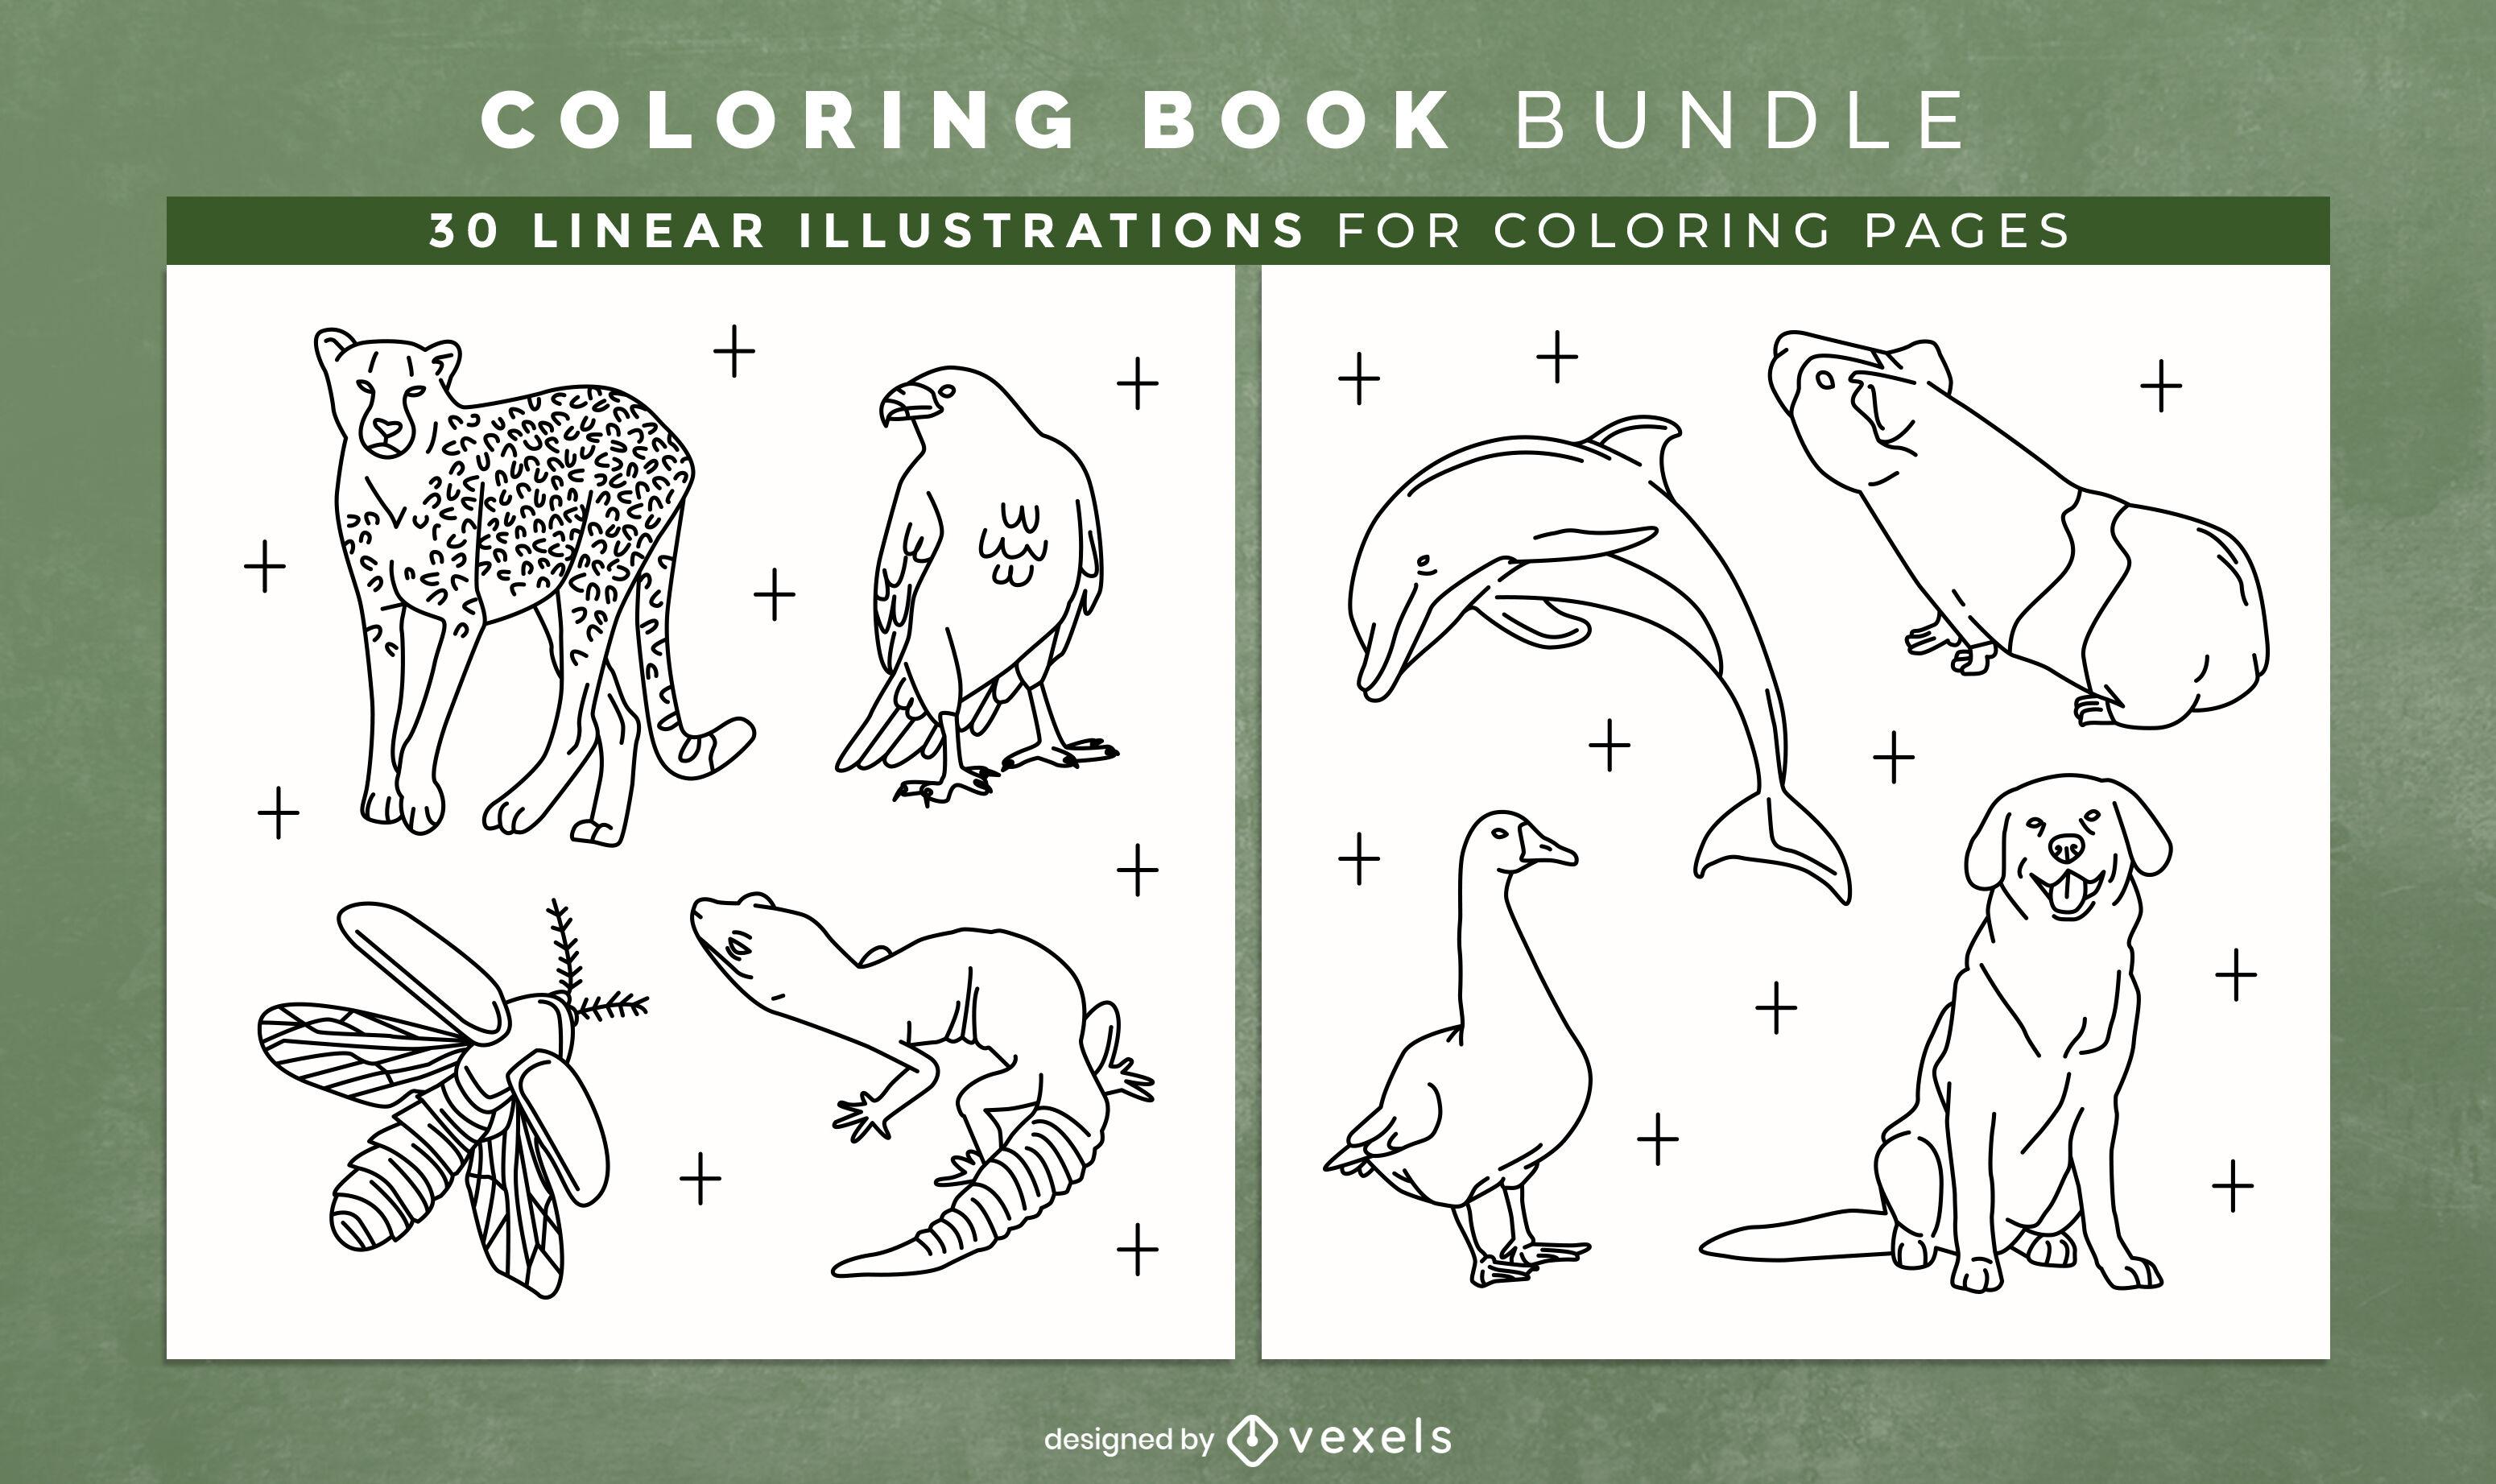 Dise?o de interiores de libro de colorear de animales impresionantes